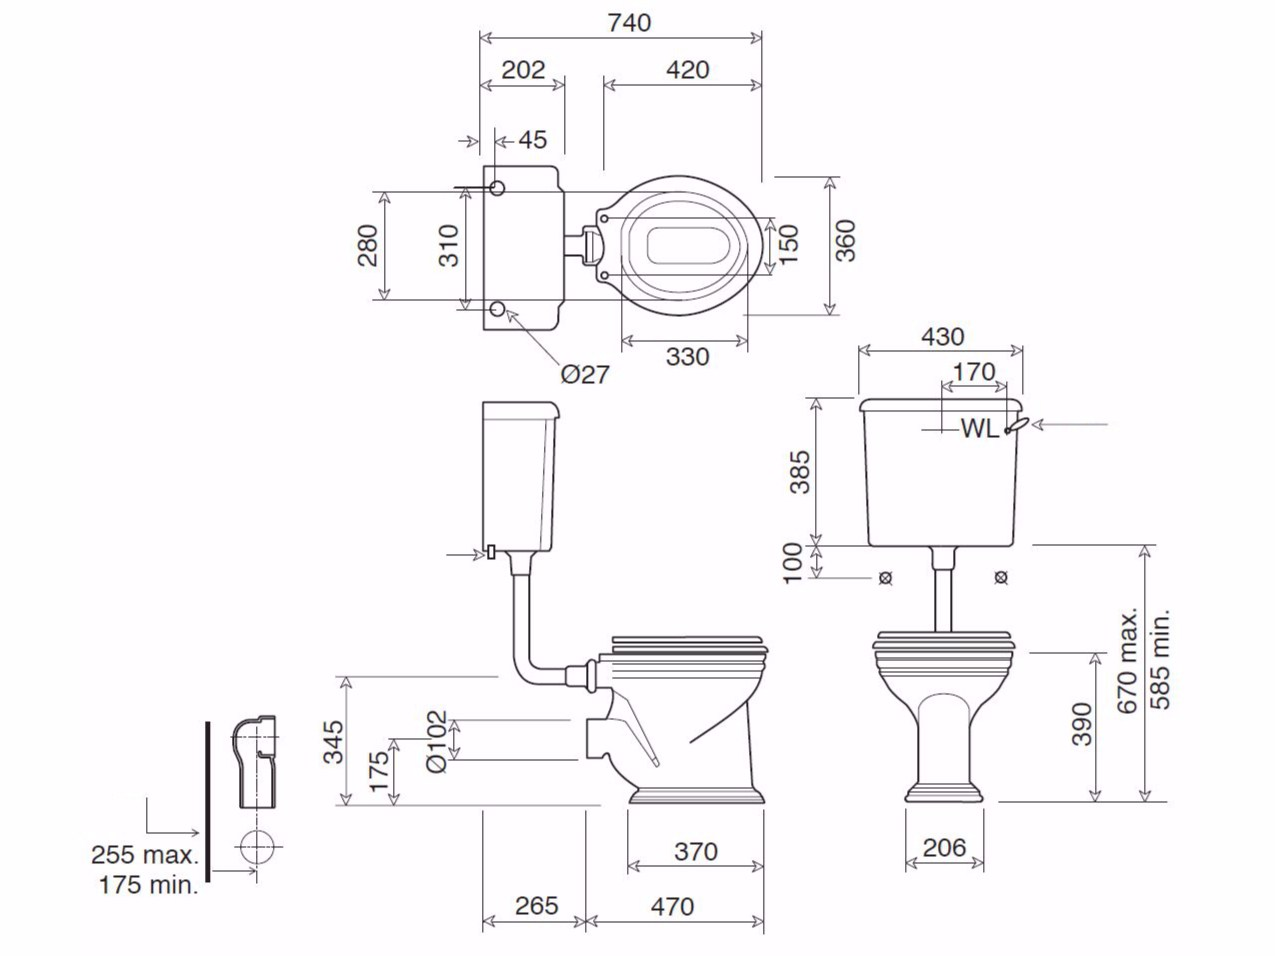 Misure wc con cassetta esterna idee immagine di decorazione - Misure attacchi idraulici bagno ...